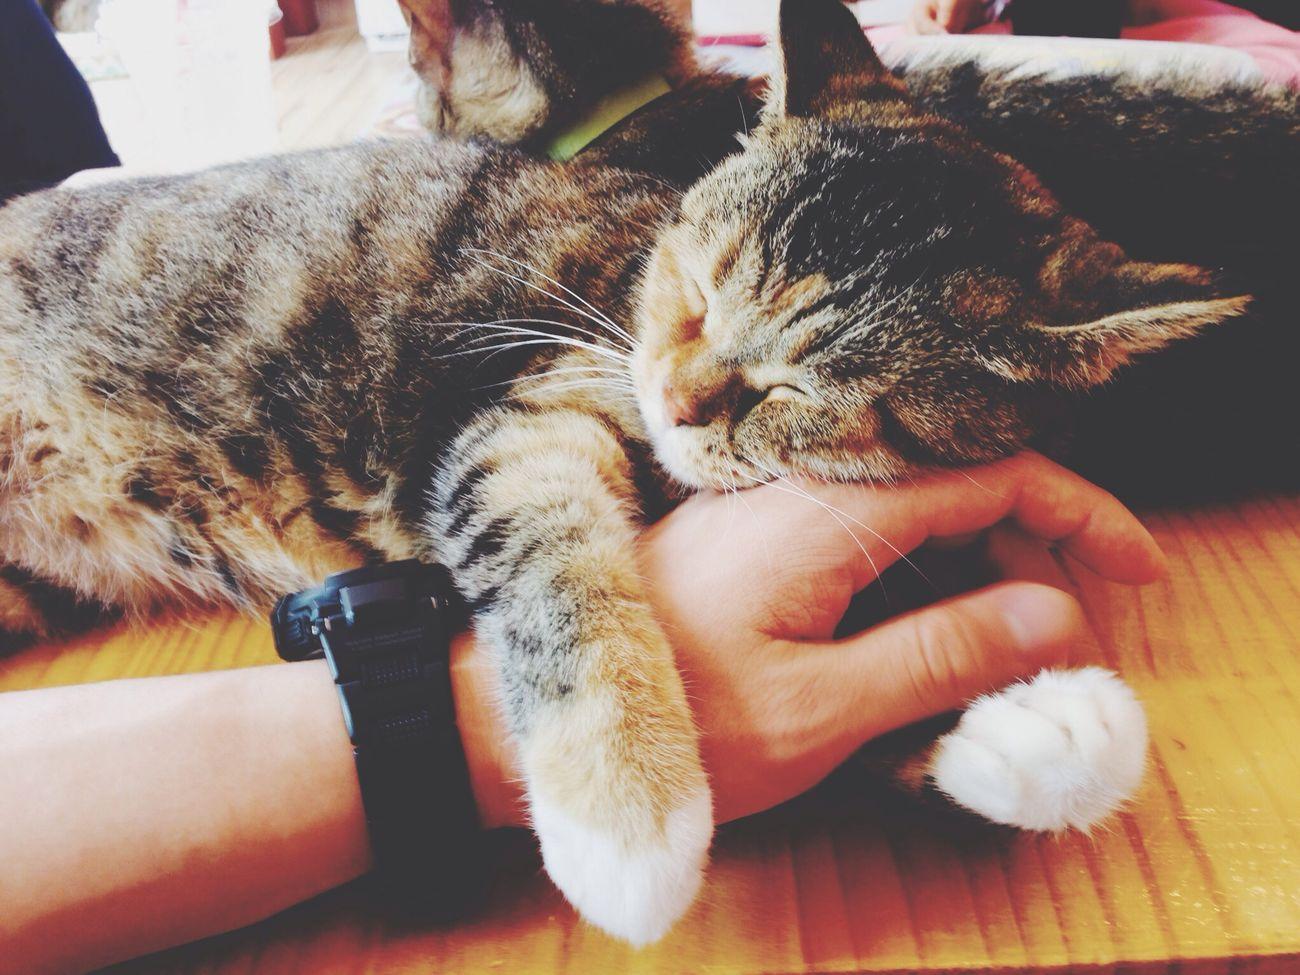 @순천 다락방 고양이. 팔베고 잠든 가을이